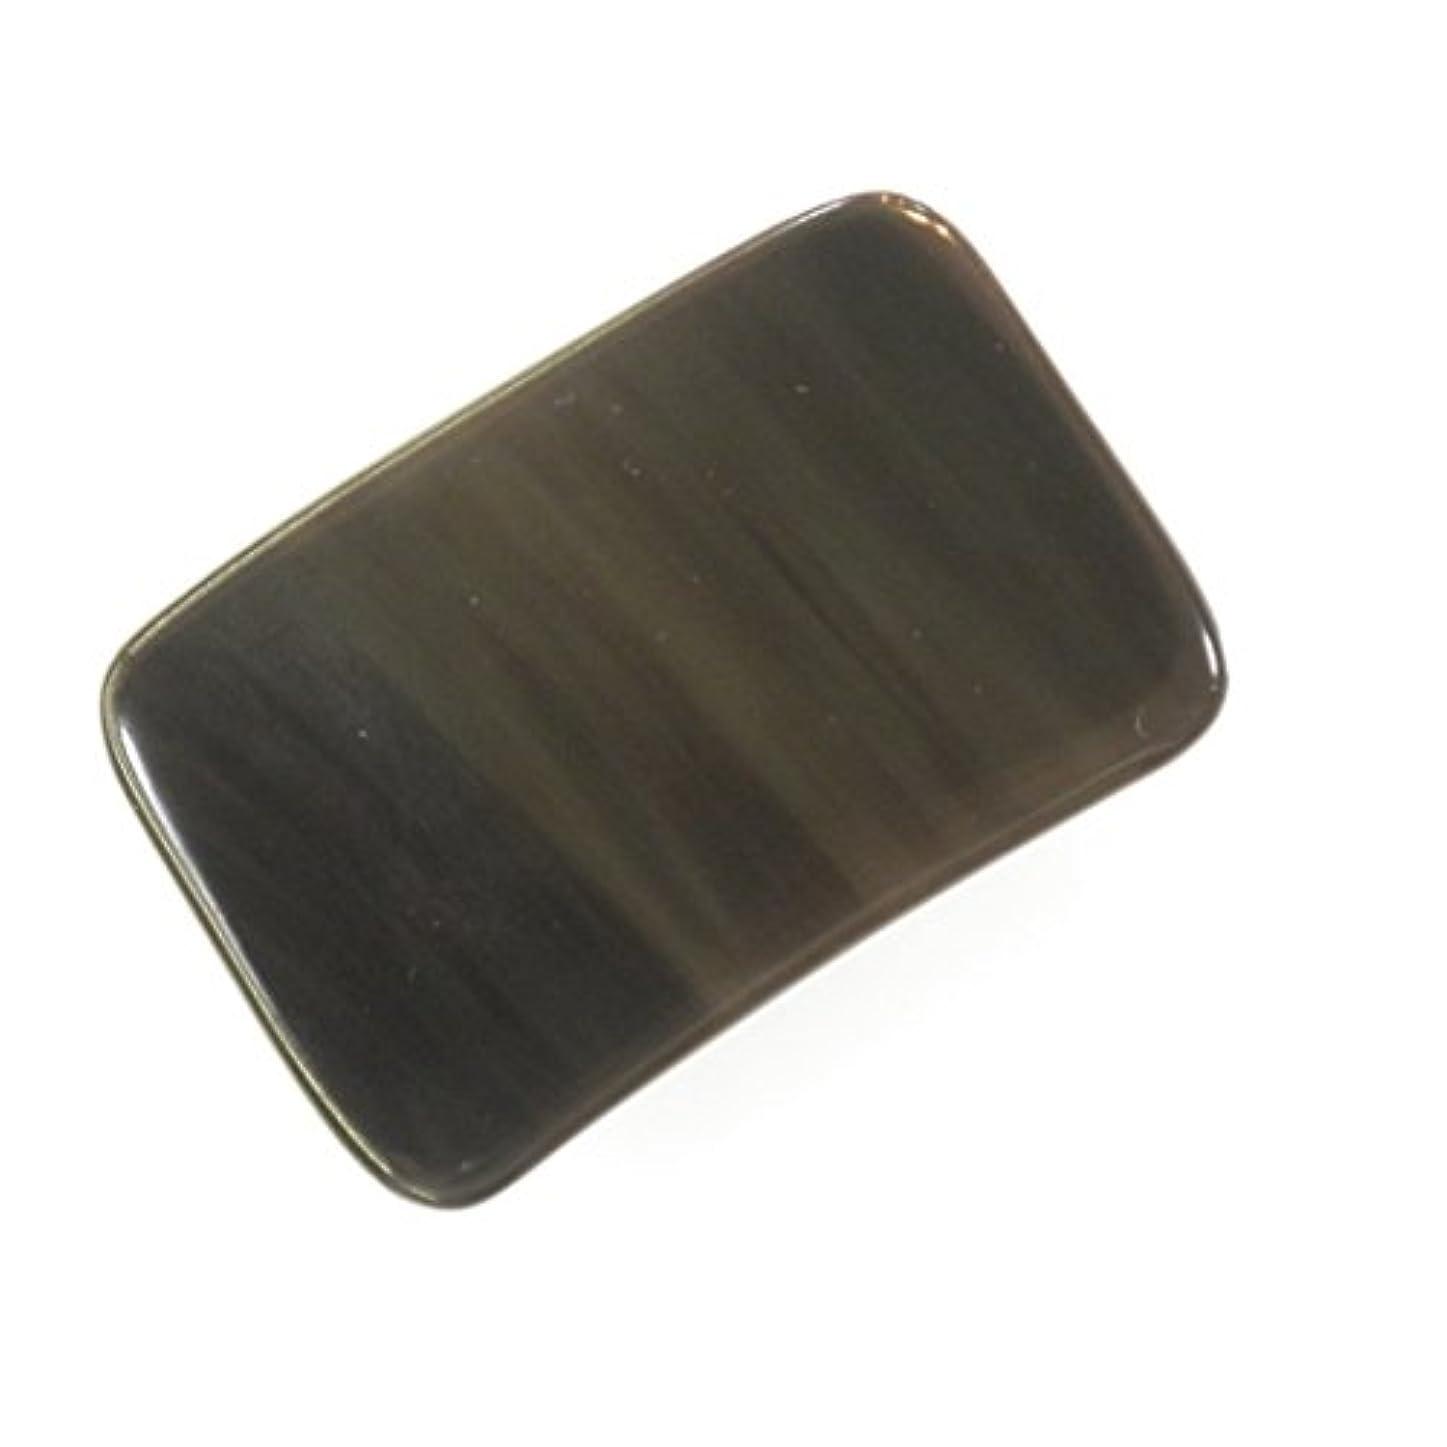 非常に銀行スナップかっさ プレート 厚さが選べる 水牛の角(黒水牛角) EHE214 長方形小 一般品 薄め(5ミリ程度)